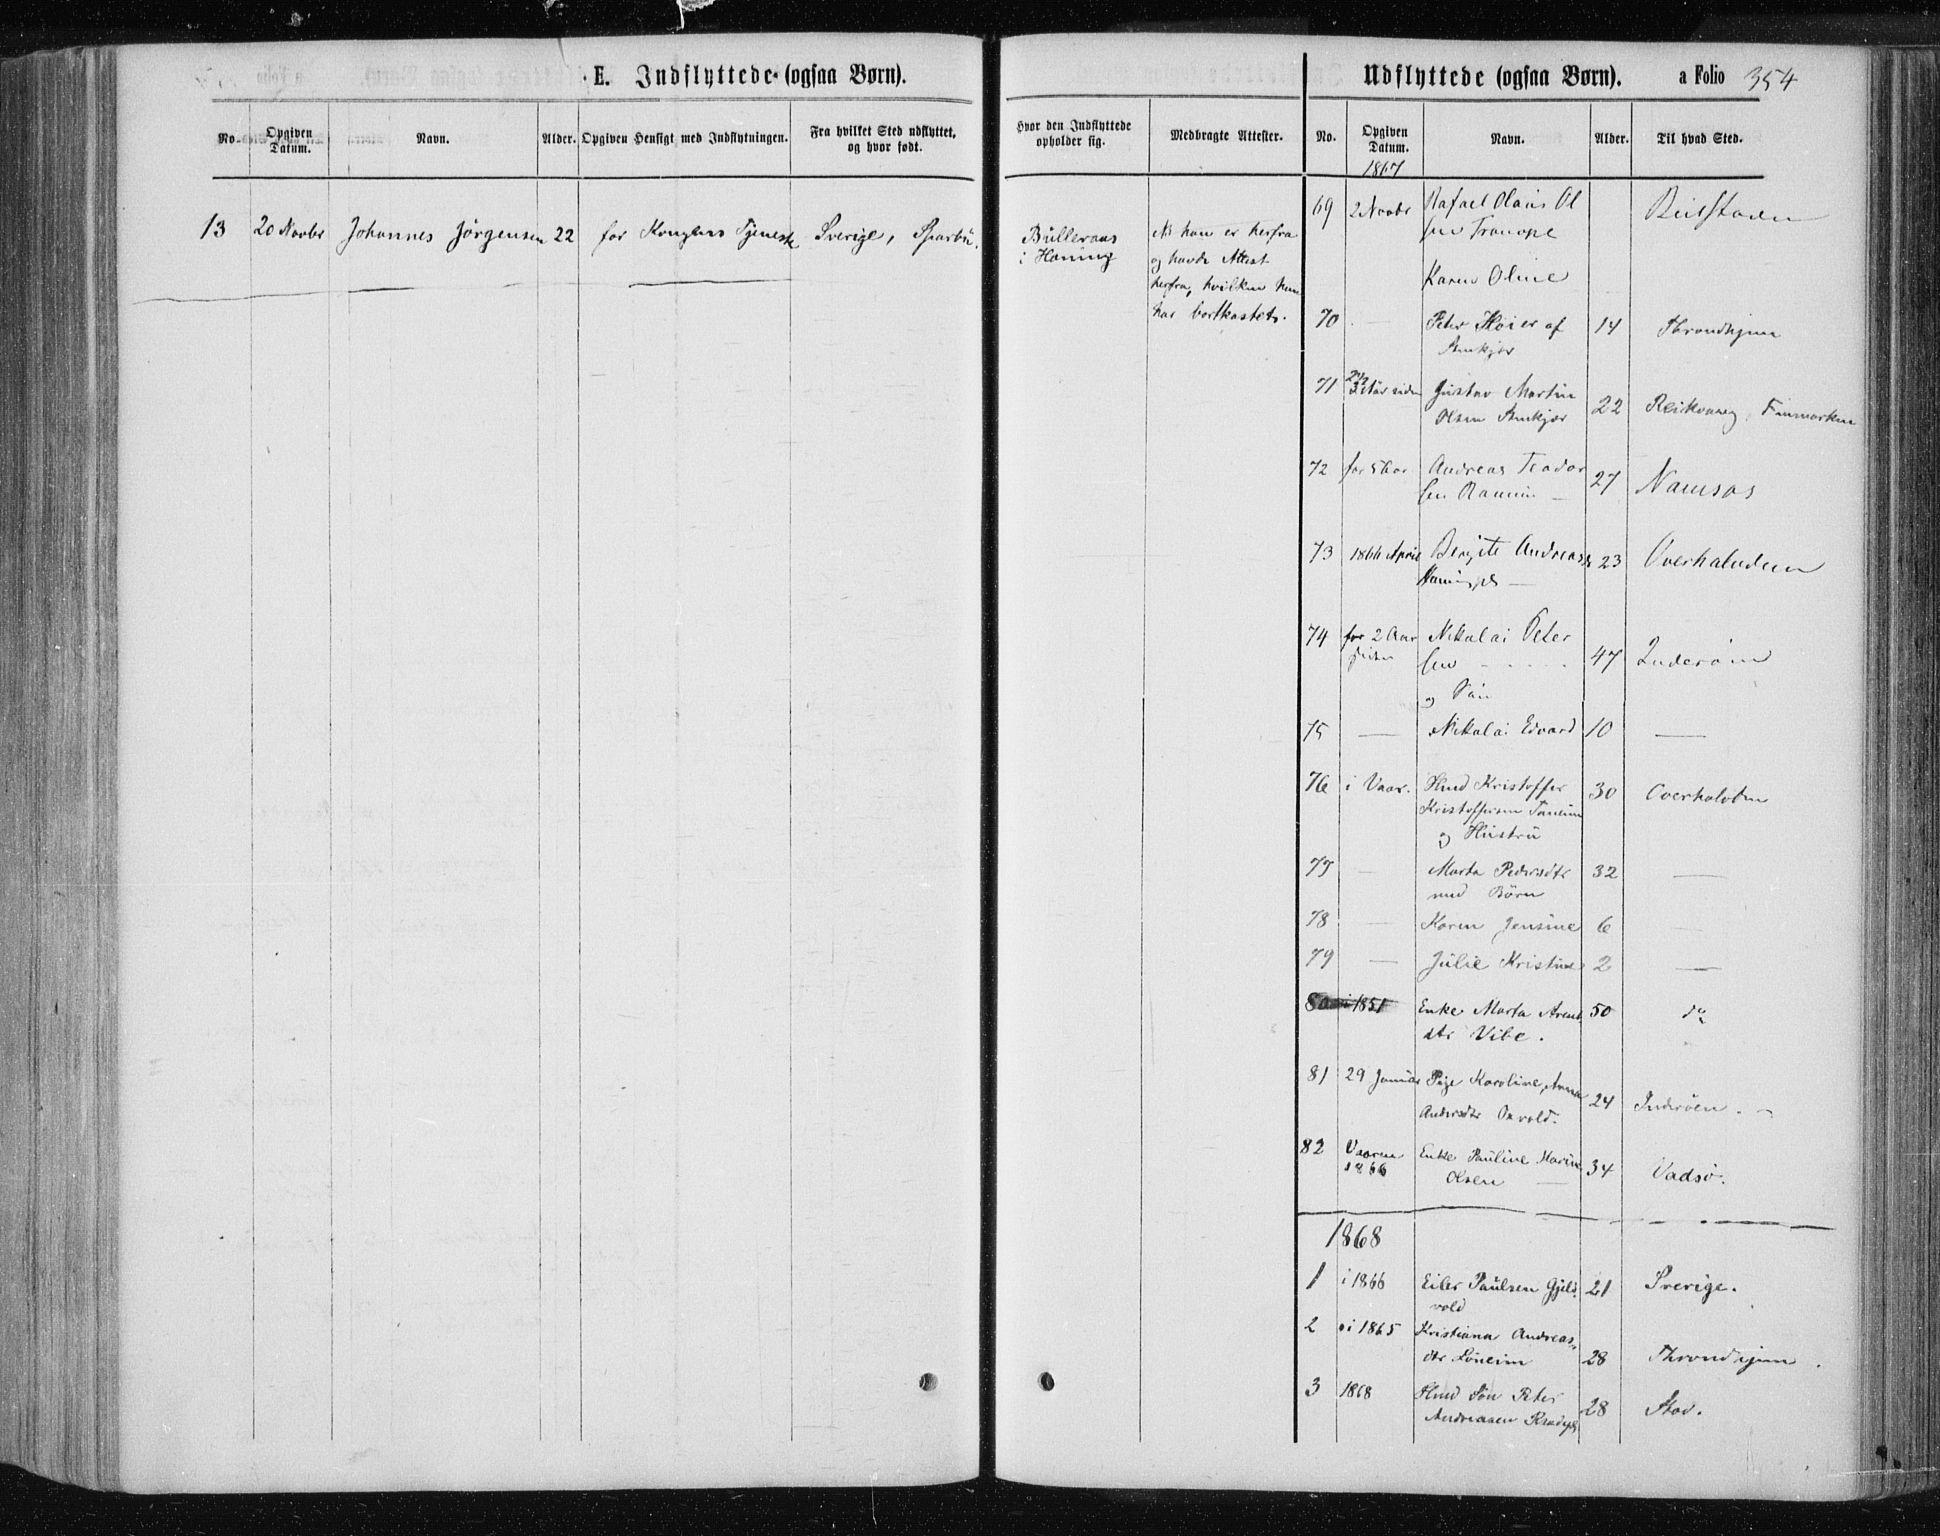 SAT, Ministerialprotokoller, klokkerbøker og fødselsregistre - Nord-Trøndelag, 735/L0345: Ministerialbok nr. 735A08 /1, 1863-1872, s. 354